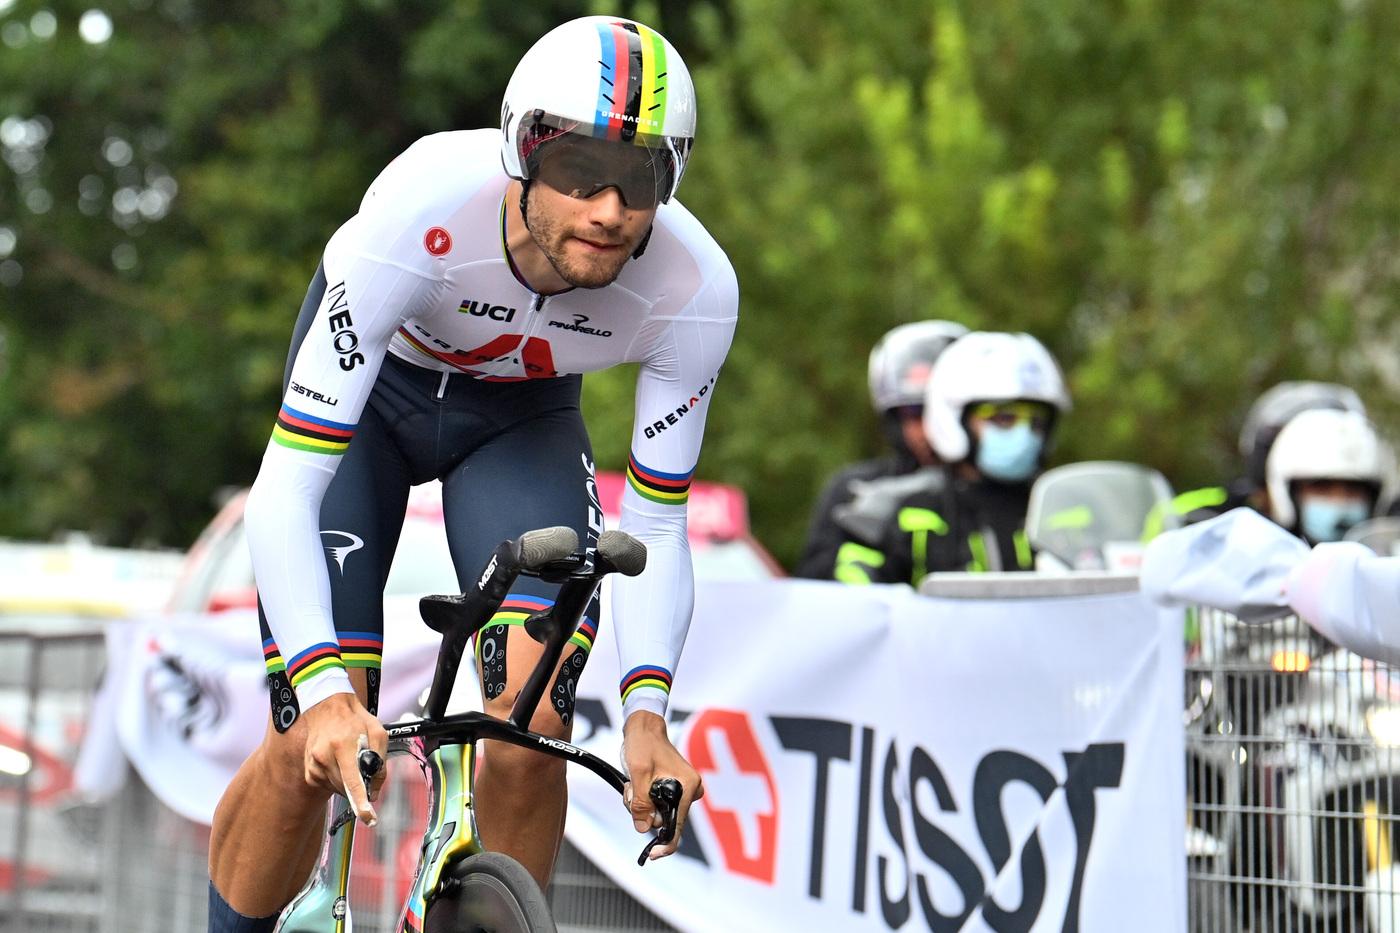 Ganna domina la cronometro di Torino: è lui la prima maglia rosa